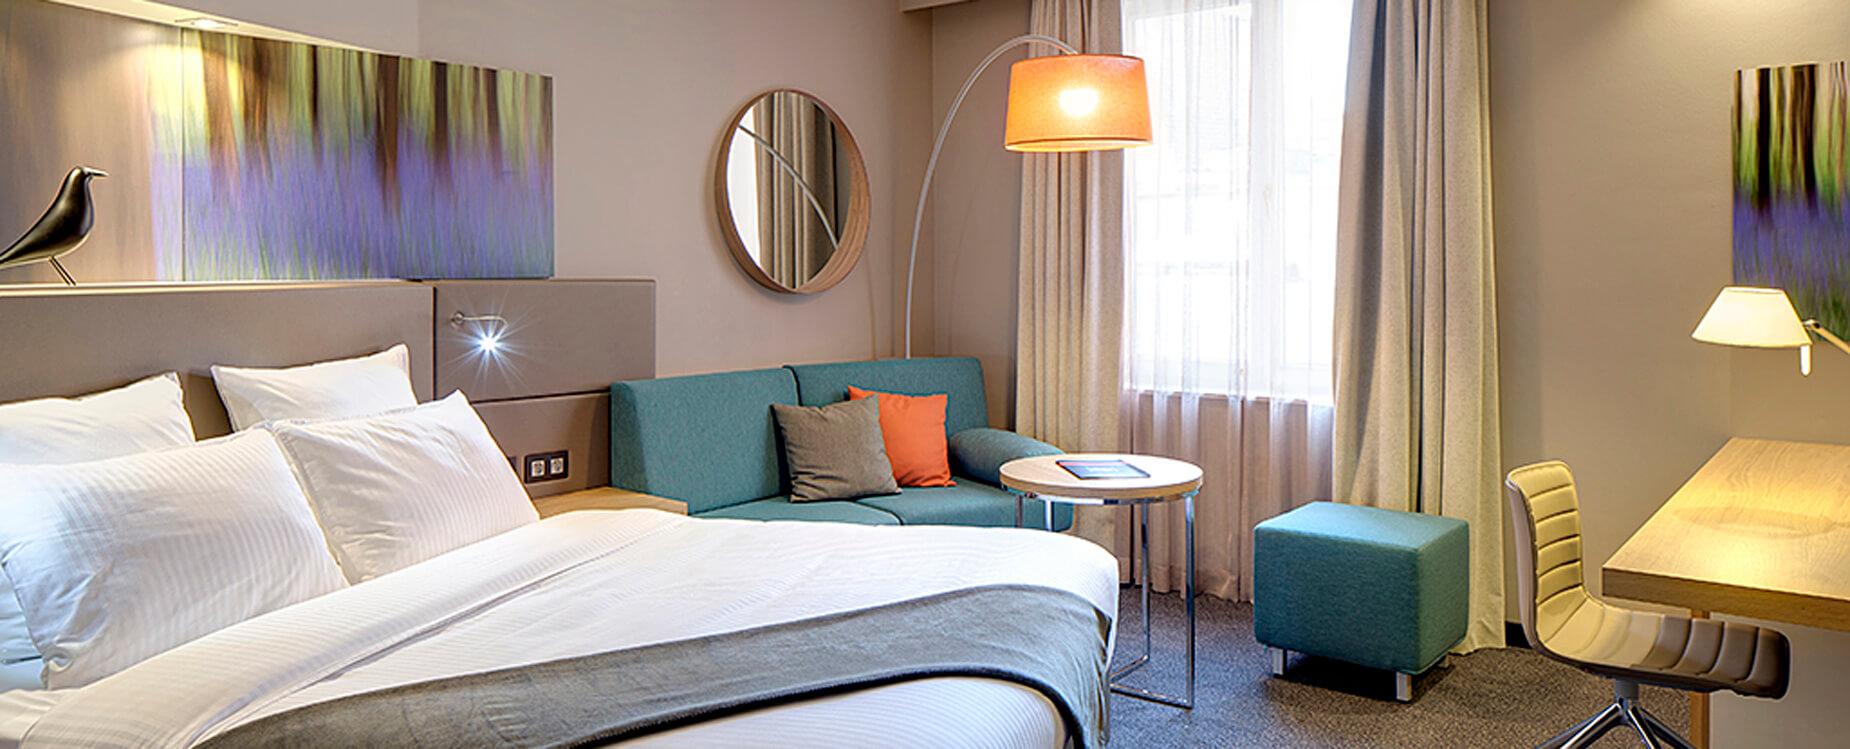 Crowne Plaza Hotel – Bruges